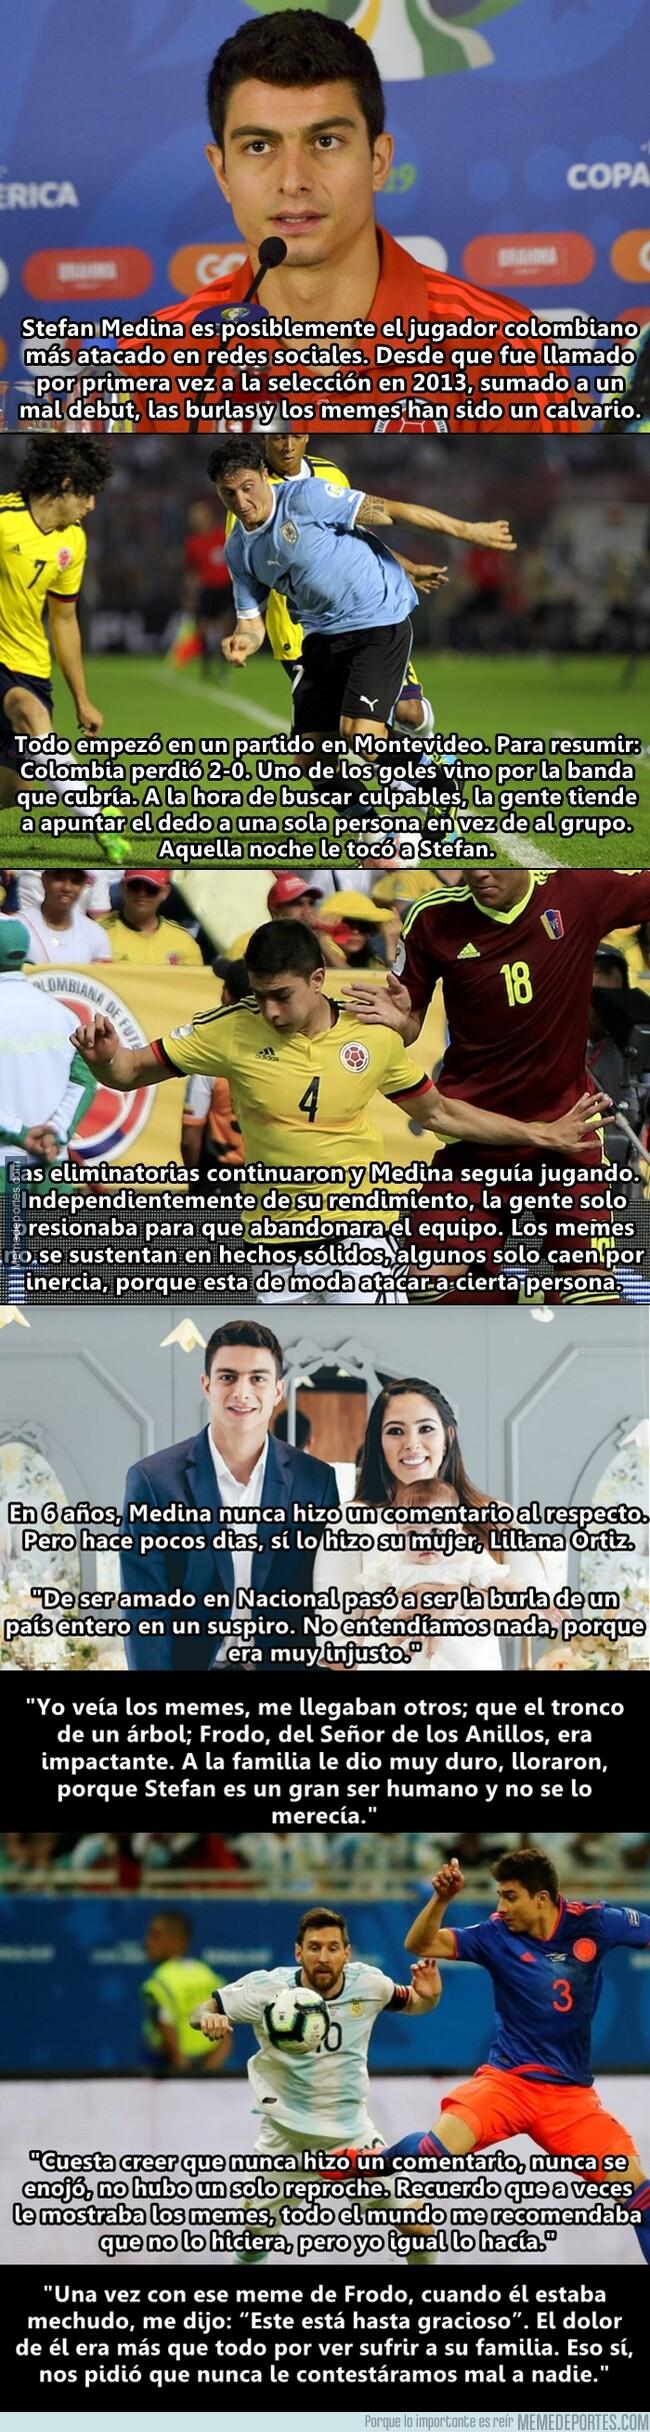 1079235 - La esposa del jugador más atacado en Colombia ha dado la cara por él tras 6 años de bullying